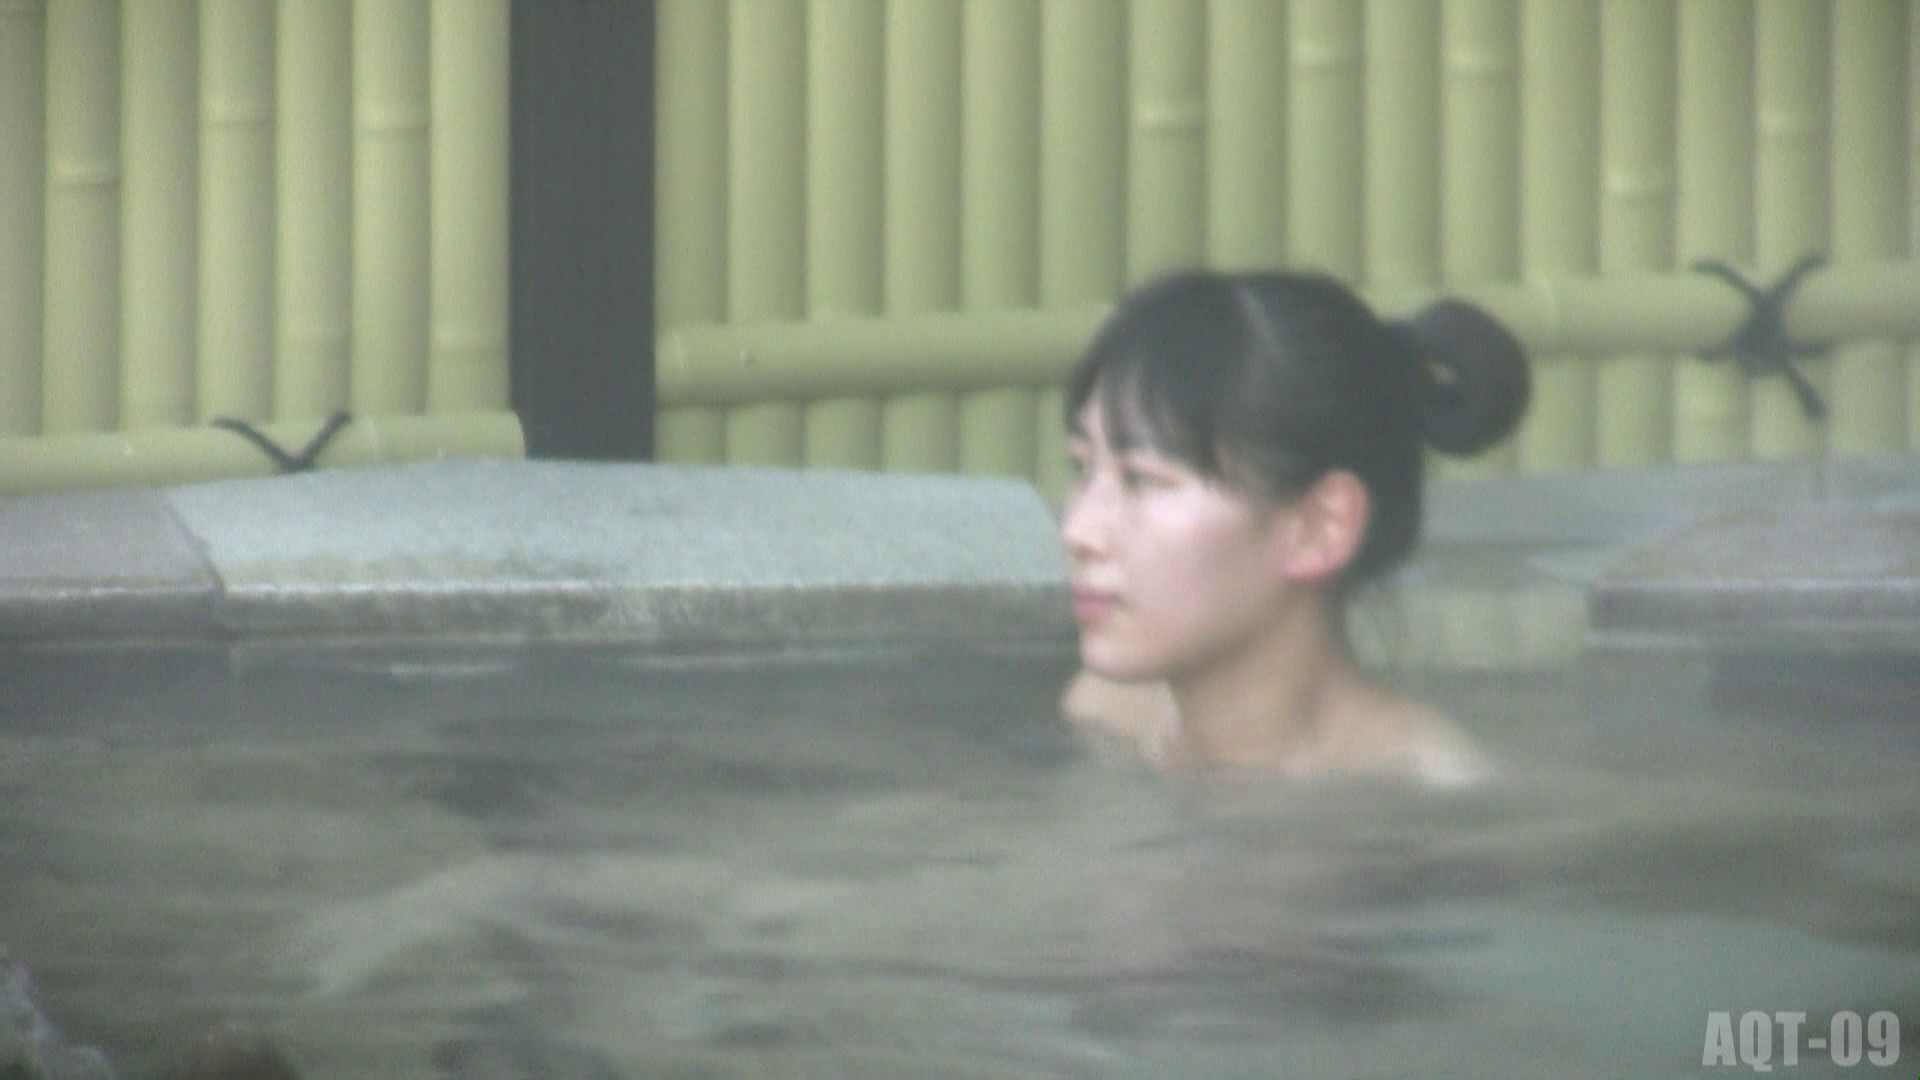 Aquaな露天風呂Vol.785 OLエロ画像 | 盗撮  21PICs 4